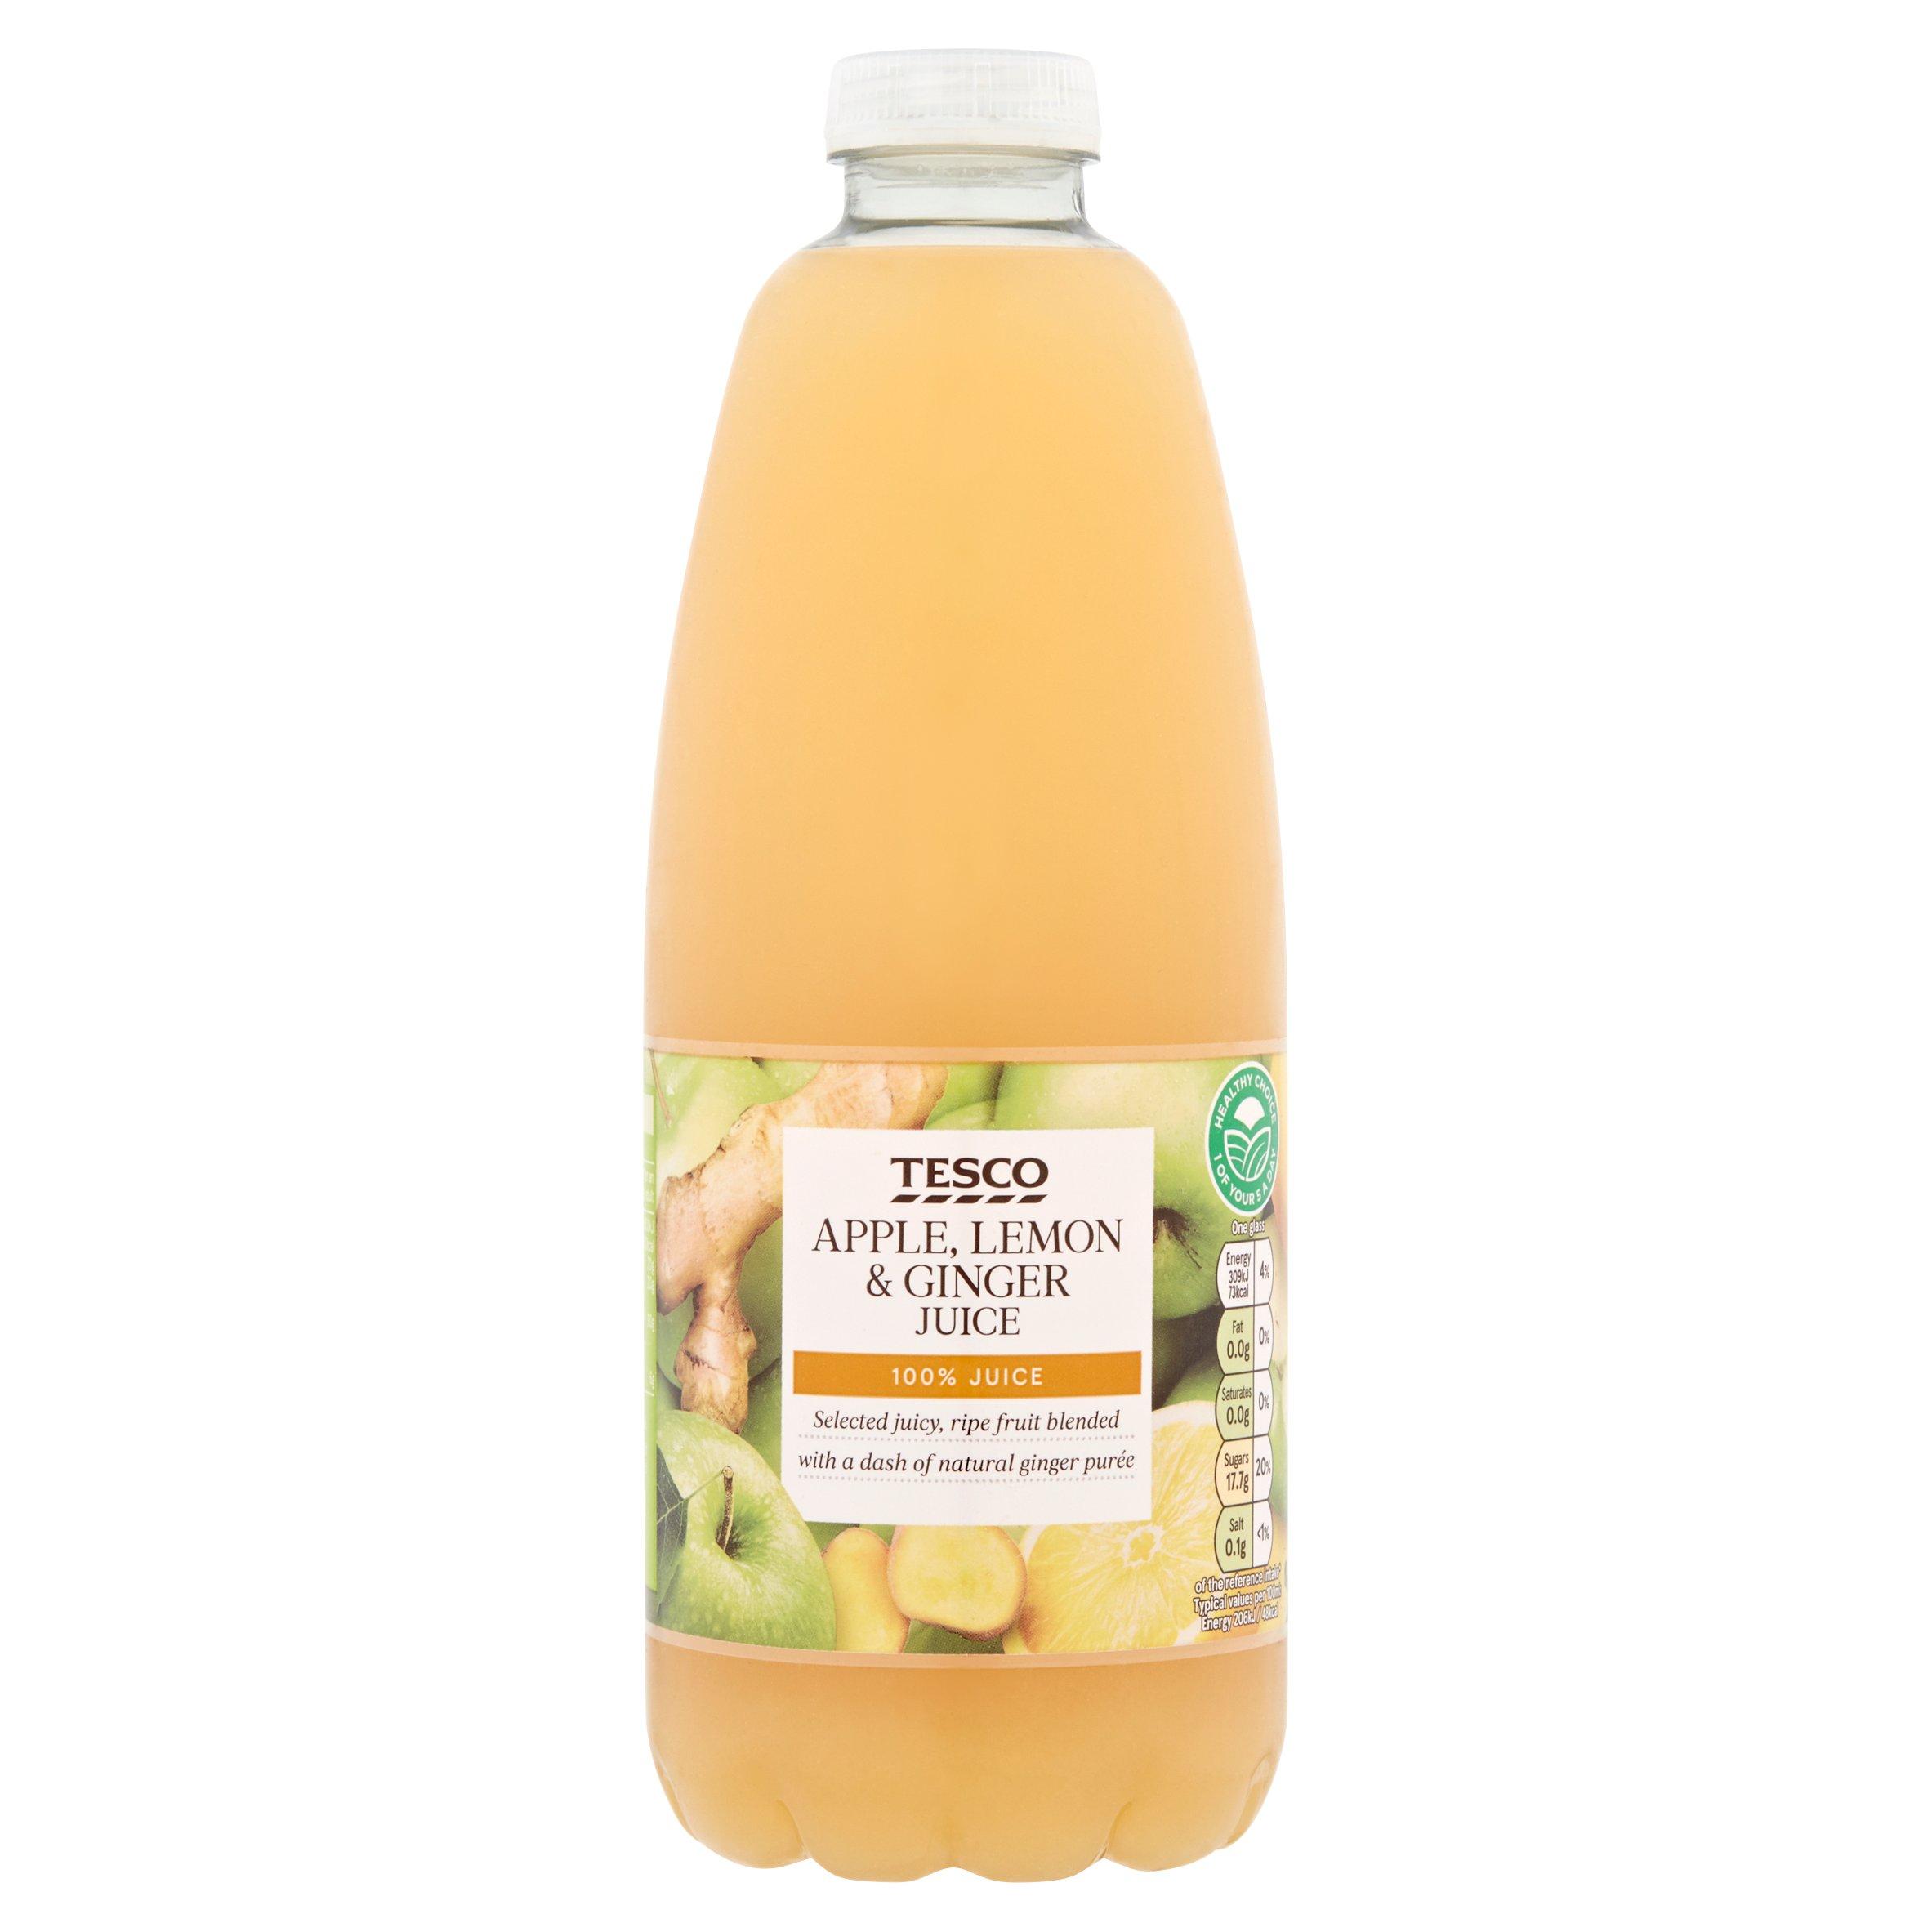 Tesco Apple, Lemon & Ginger Juice 1L